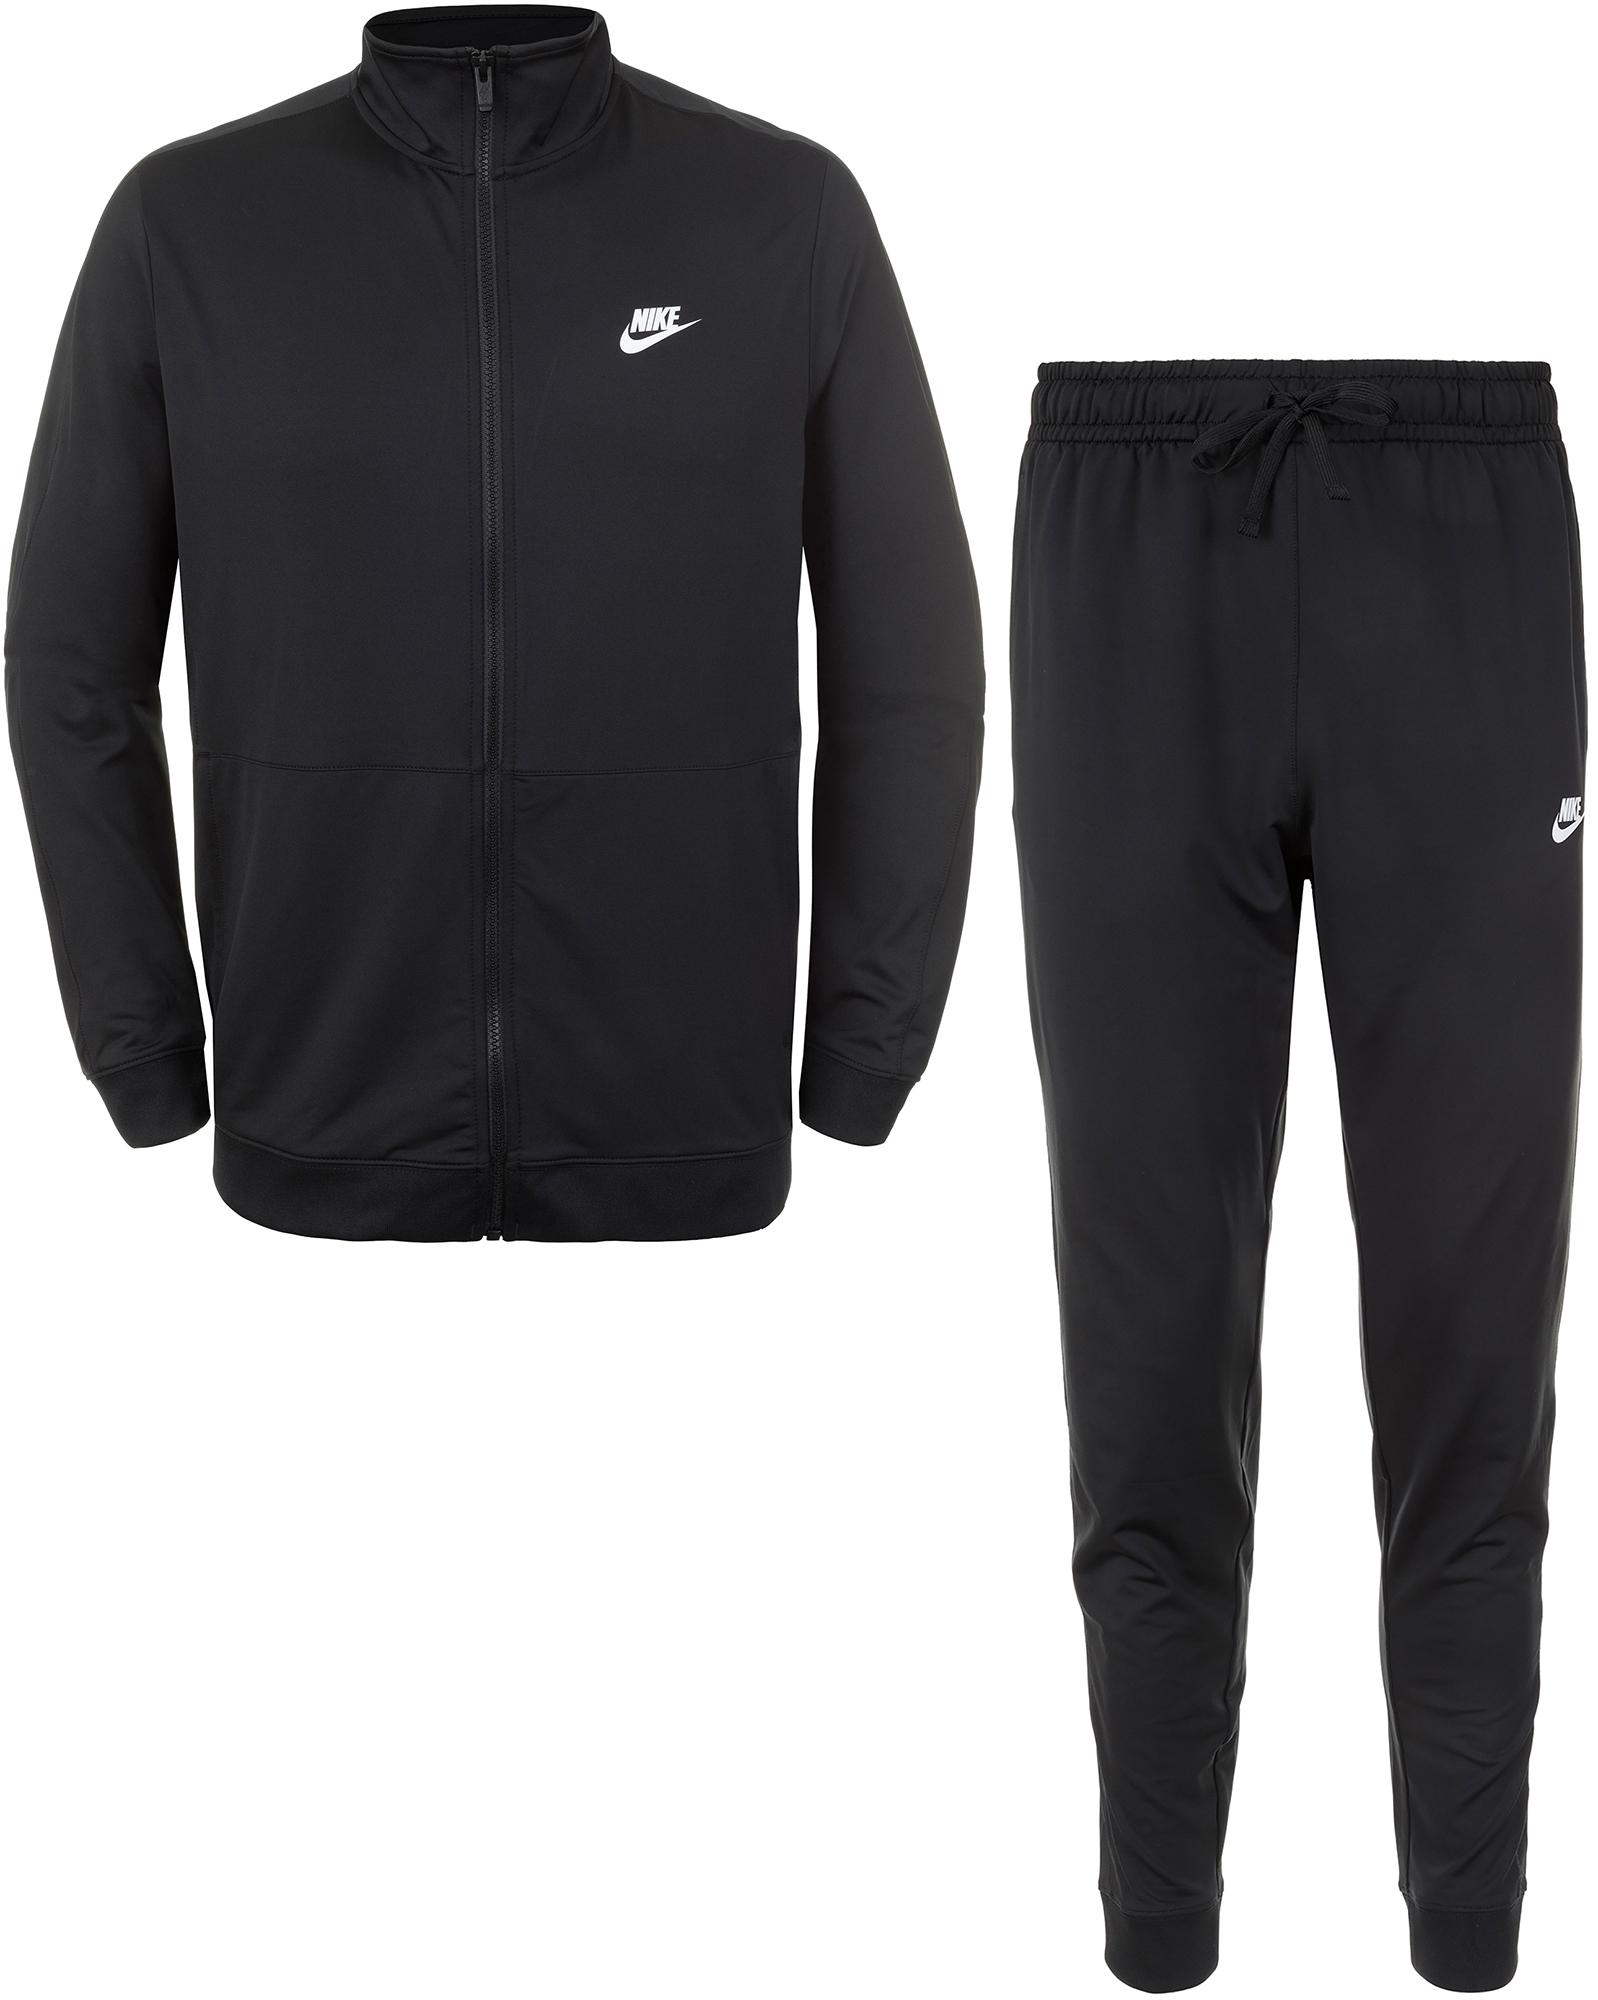 купить Nike Костюм спортивный мужской Nike Sportswear, размер 54-56 недорого